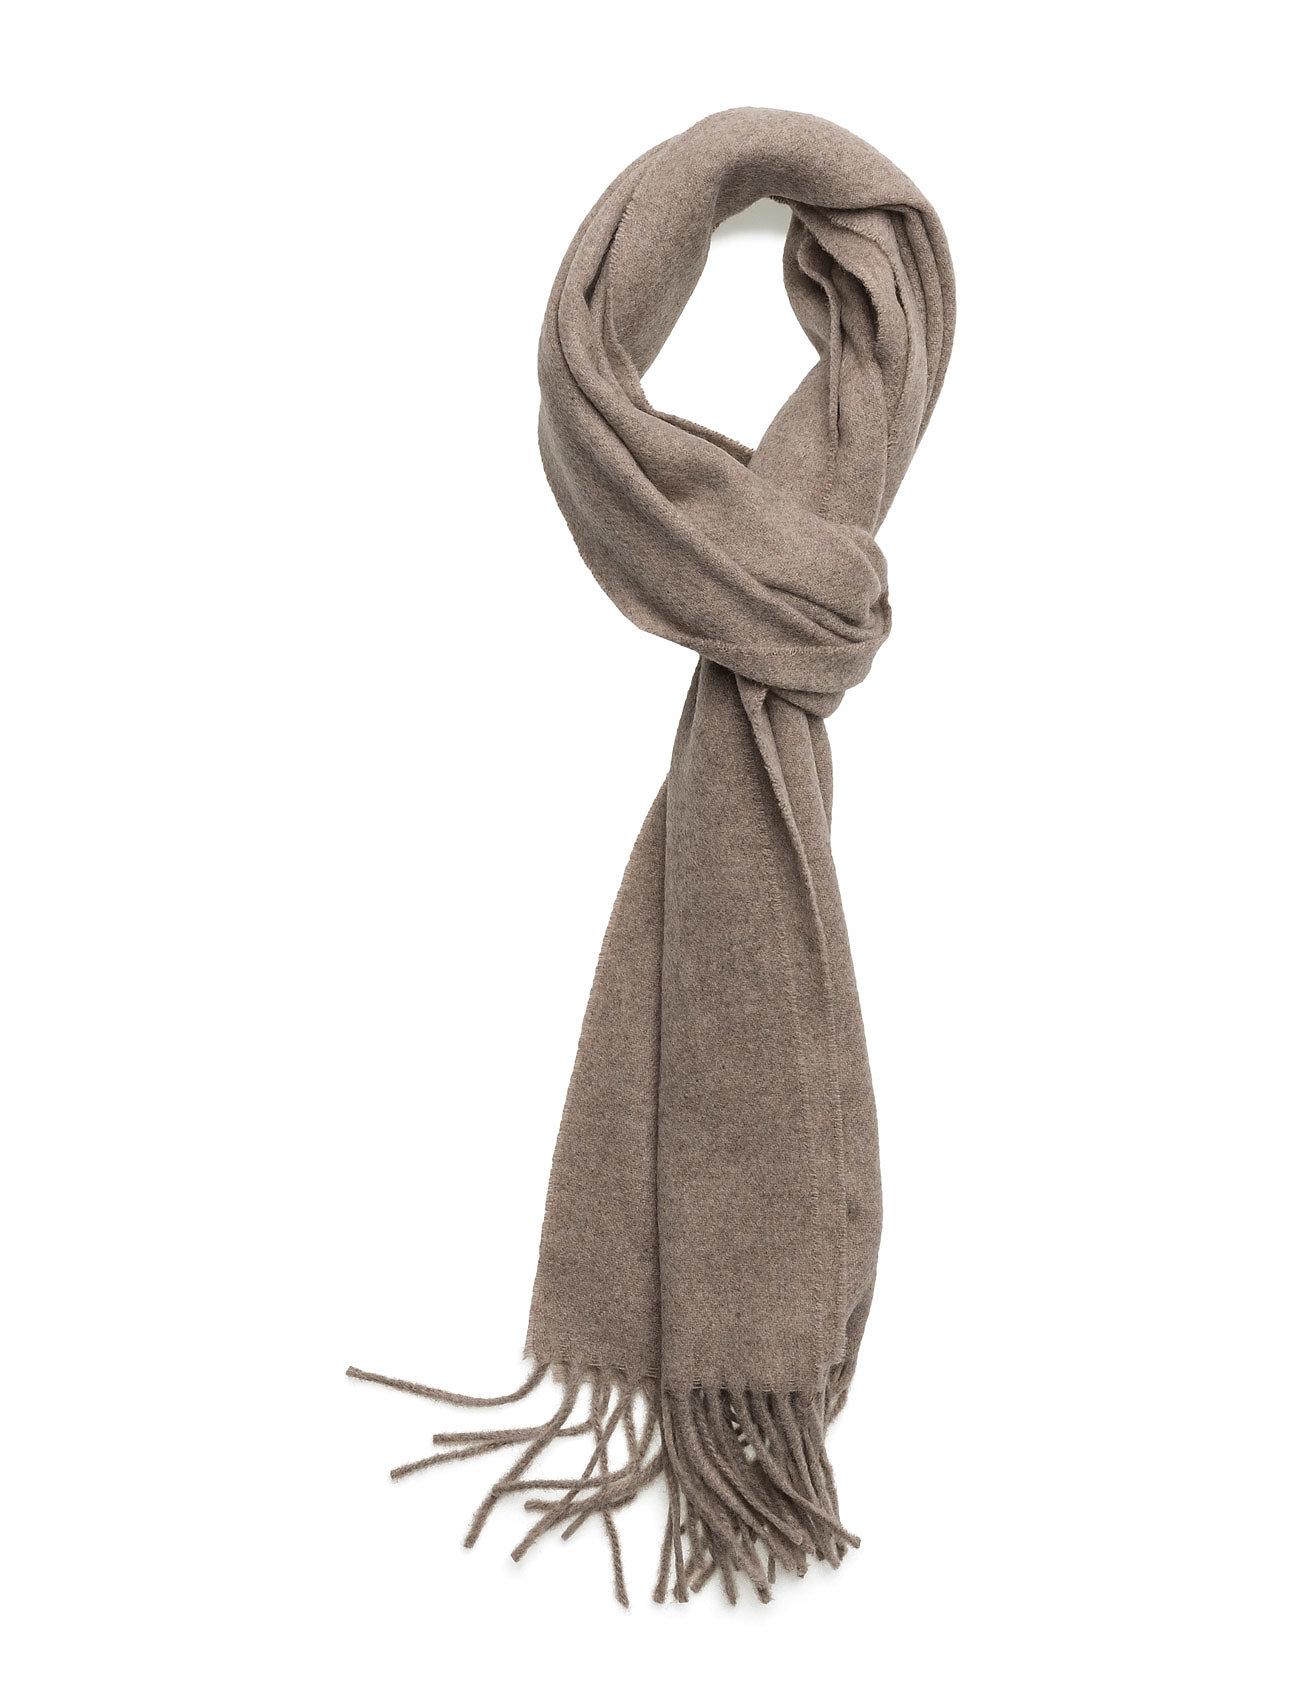 Scarf One 9058 NN07 Halstørklæder til Herrer i khaki